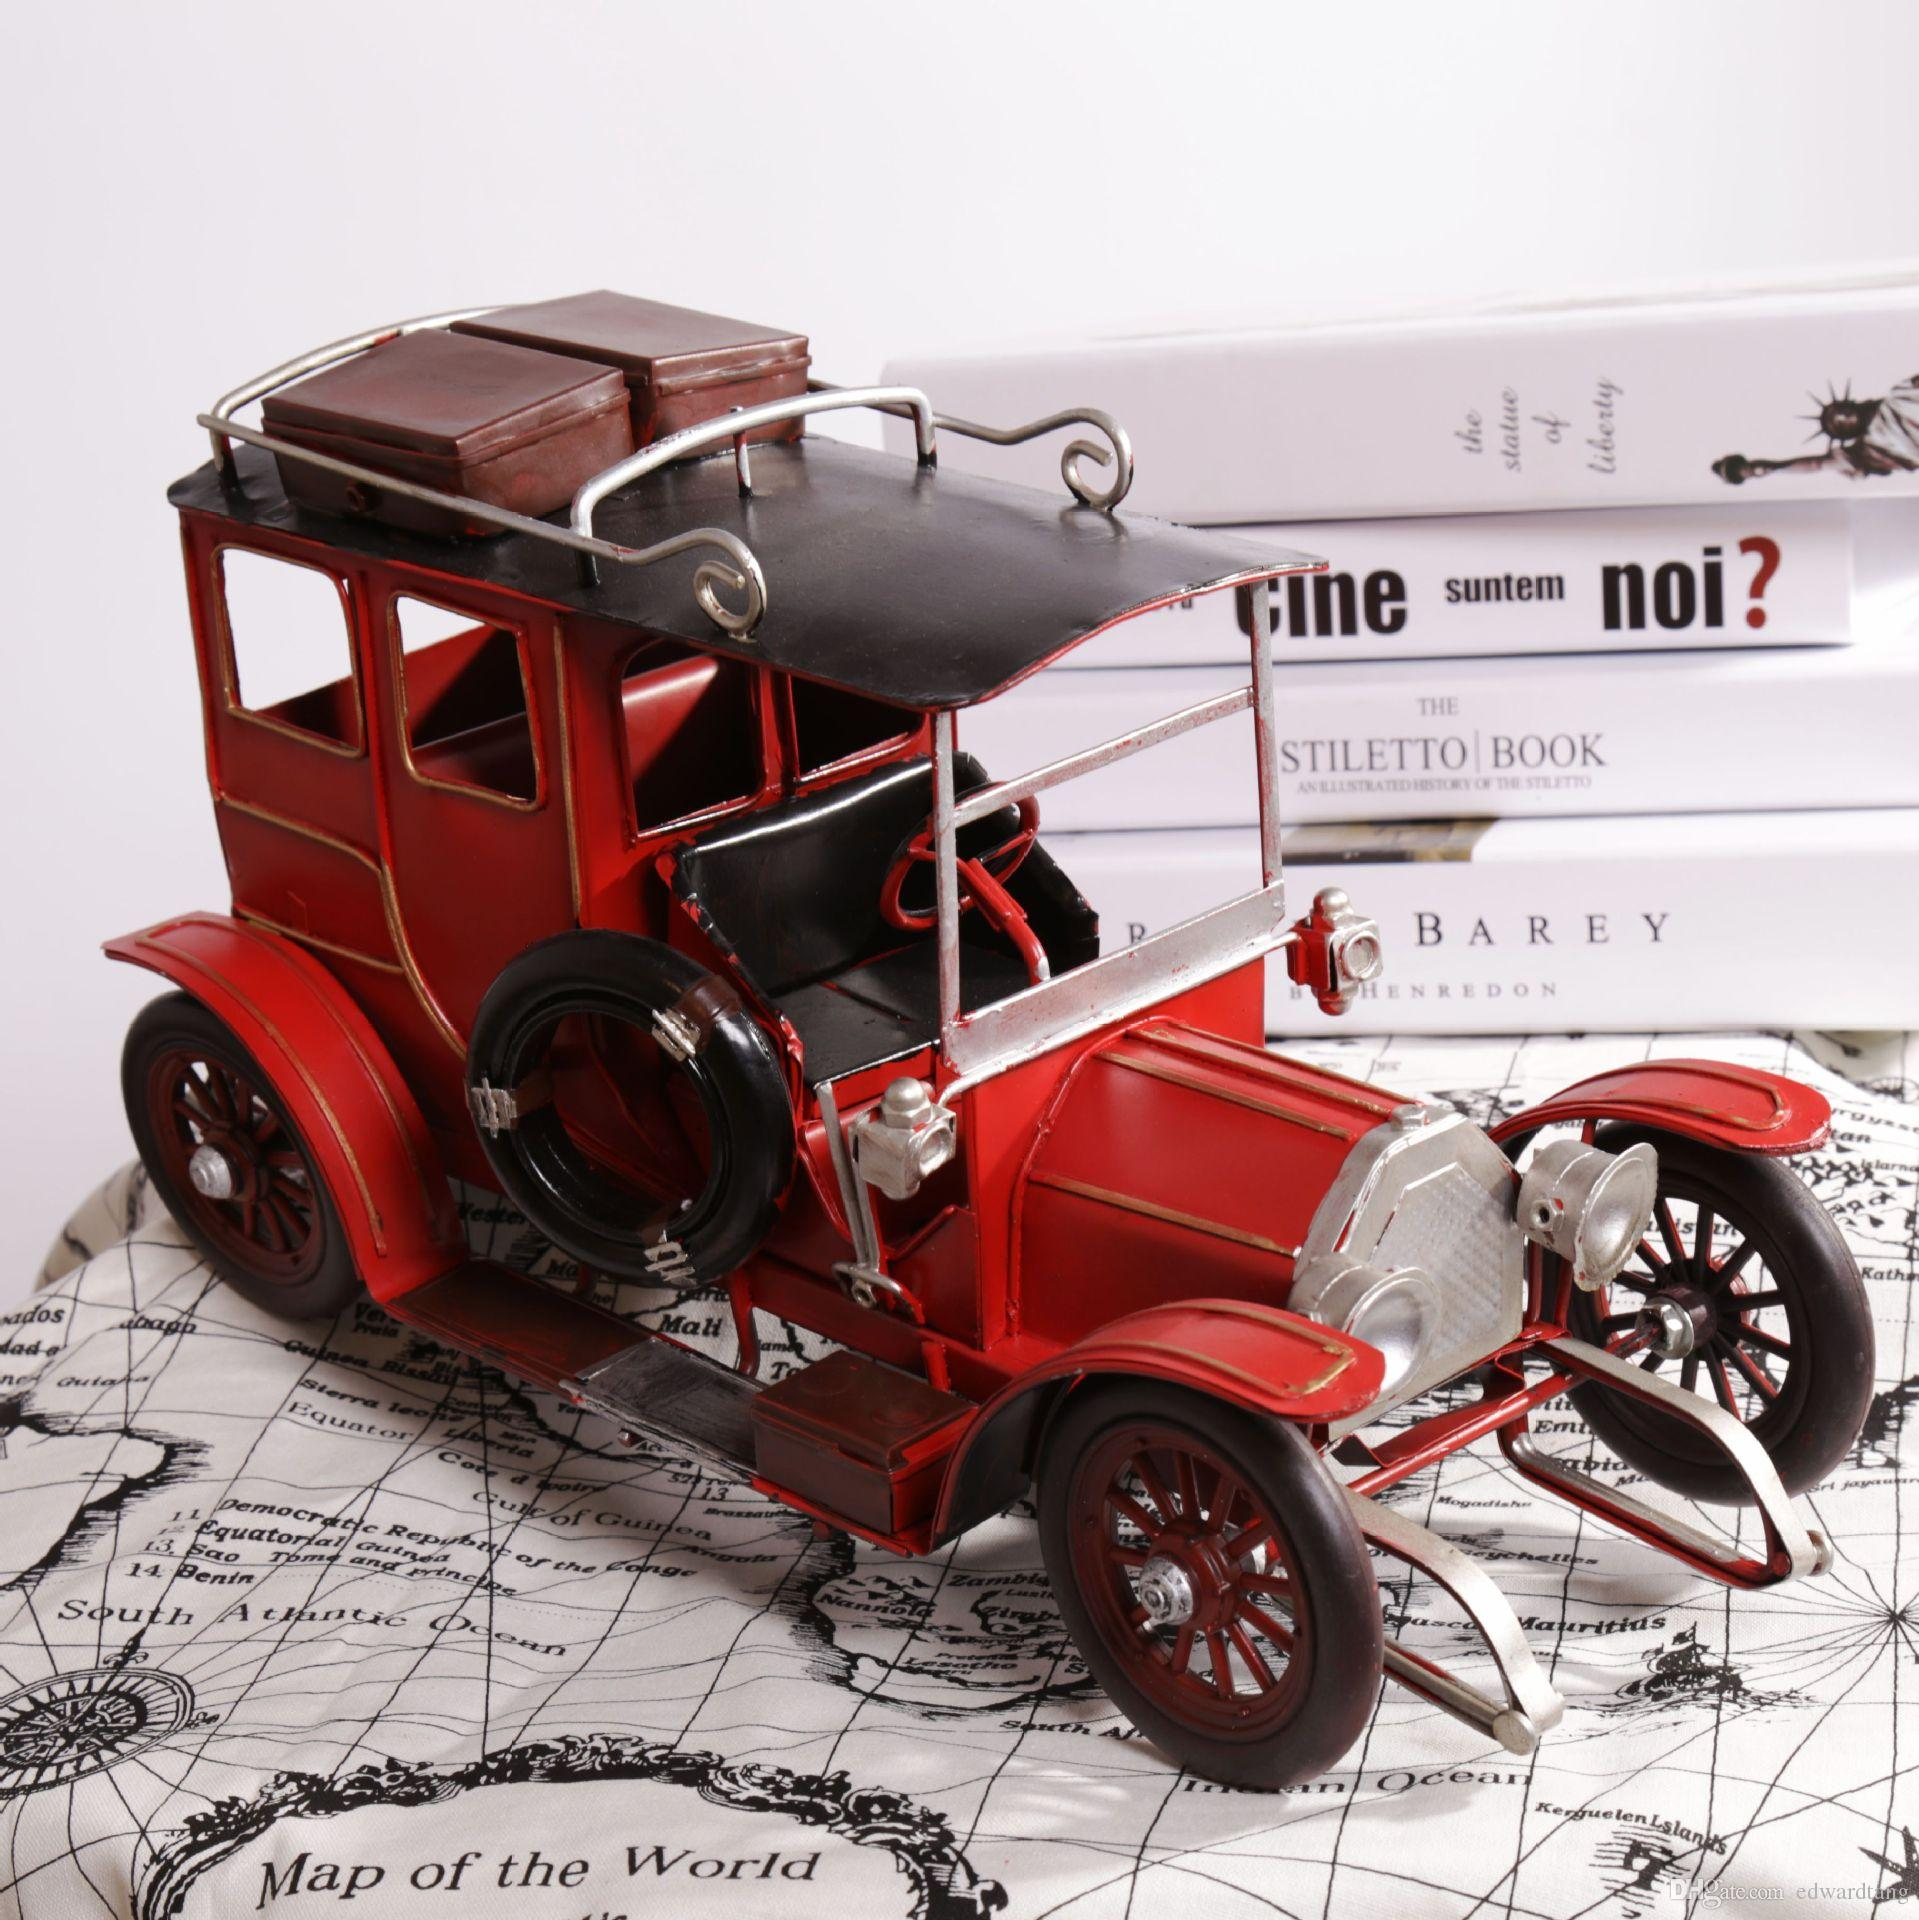 نموذج سيارة صفيح ، حافلة سياحية إنجليزية كلاسيكية ، حرفة يدوية بحتة ، أعمال فنية ، لعبة عيد الميلاد للأطفال ، جمع ، ديكور ، محاكاة عالية الجودة